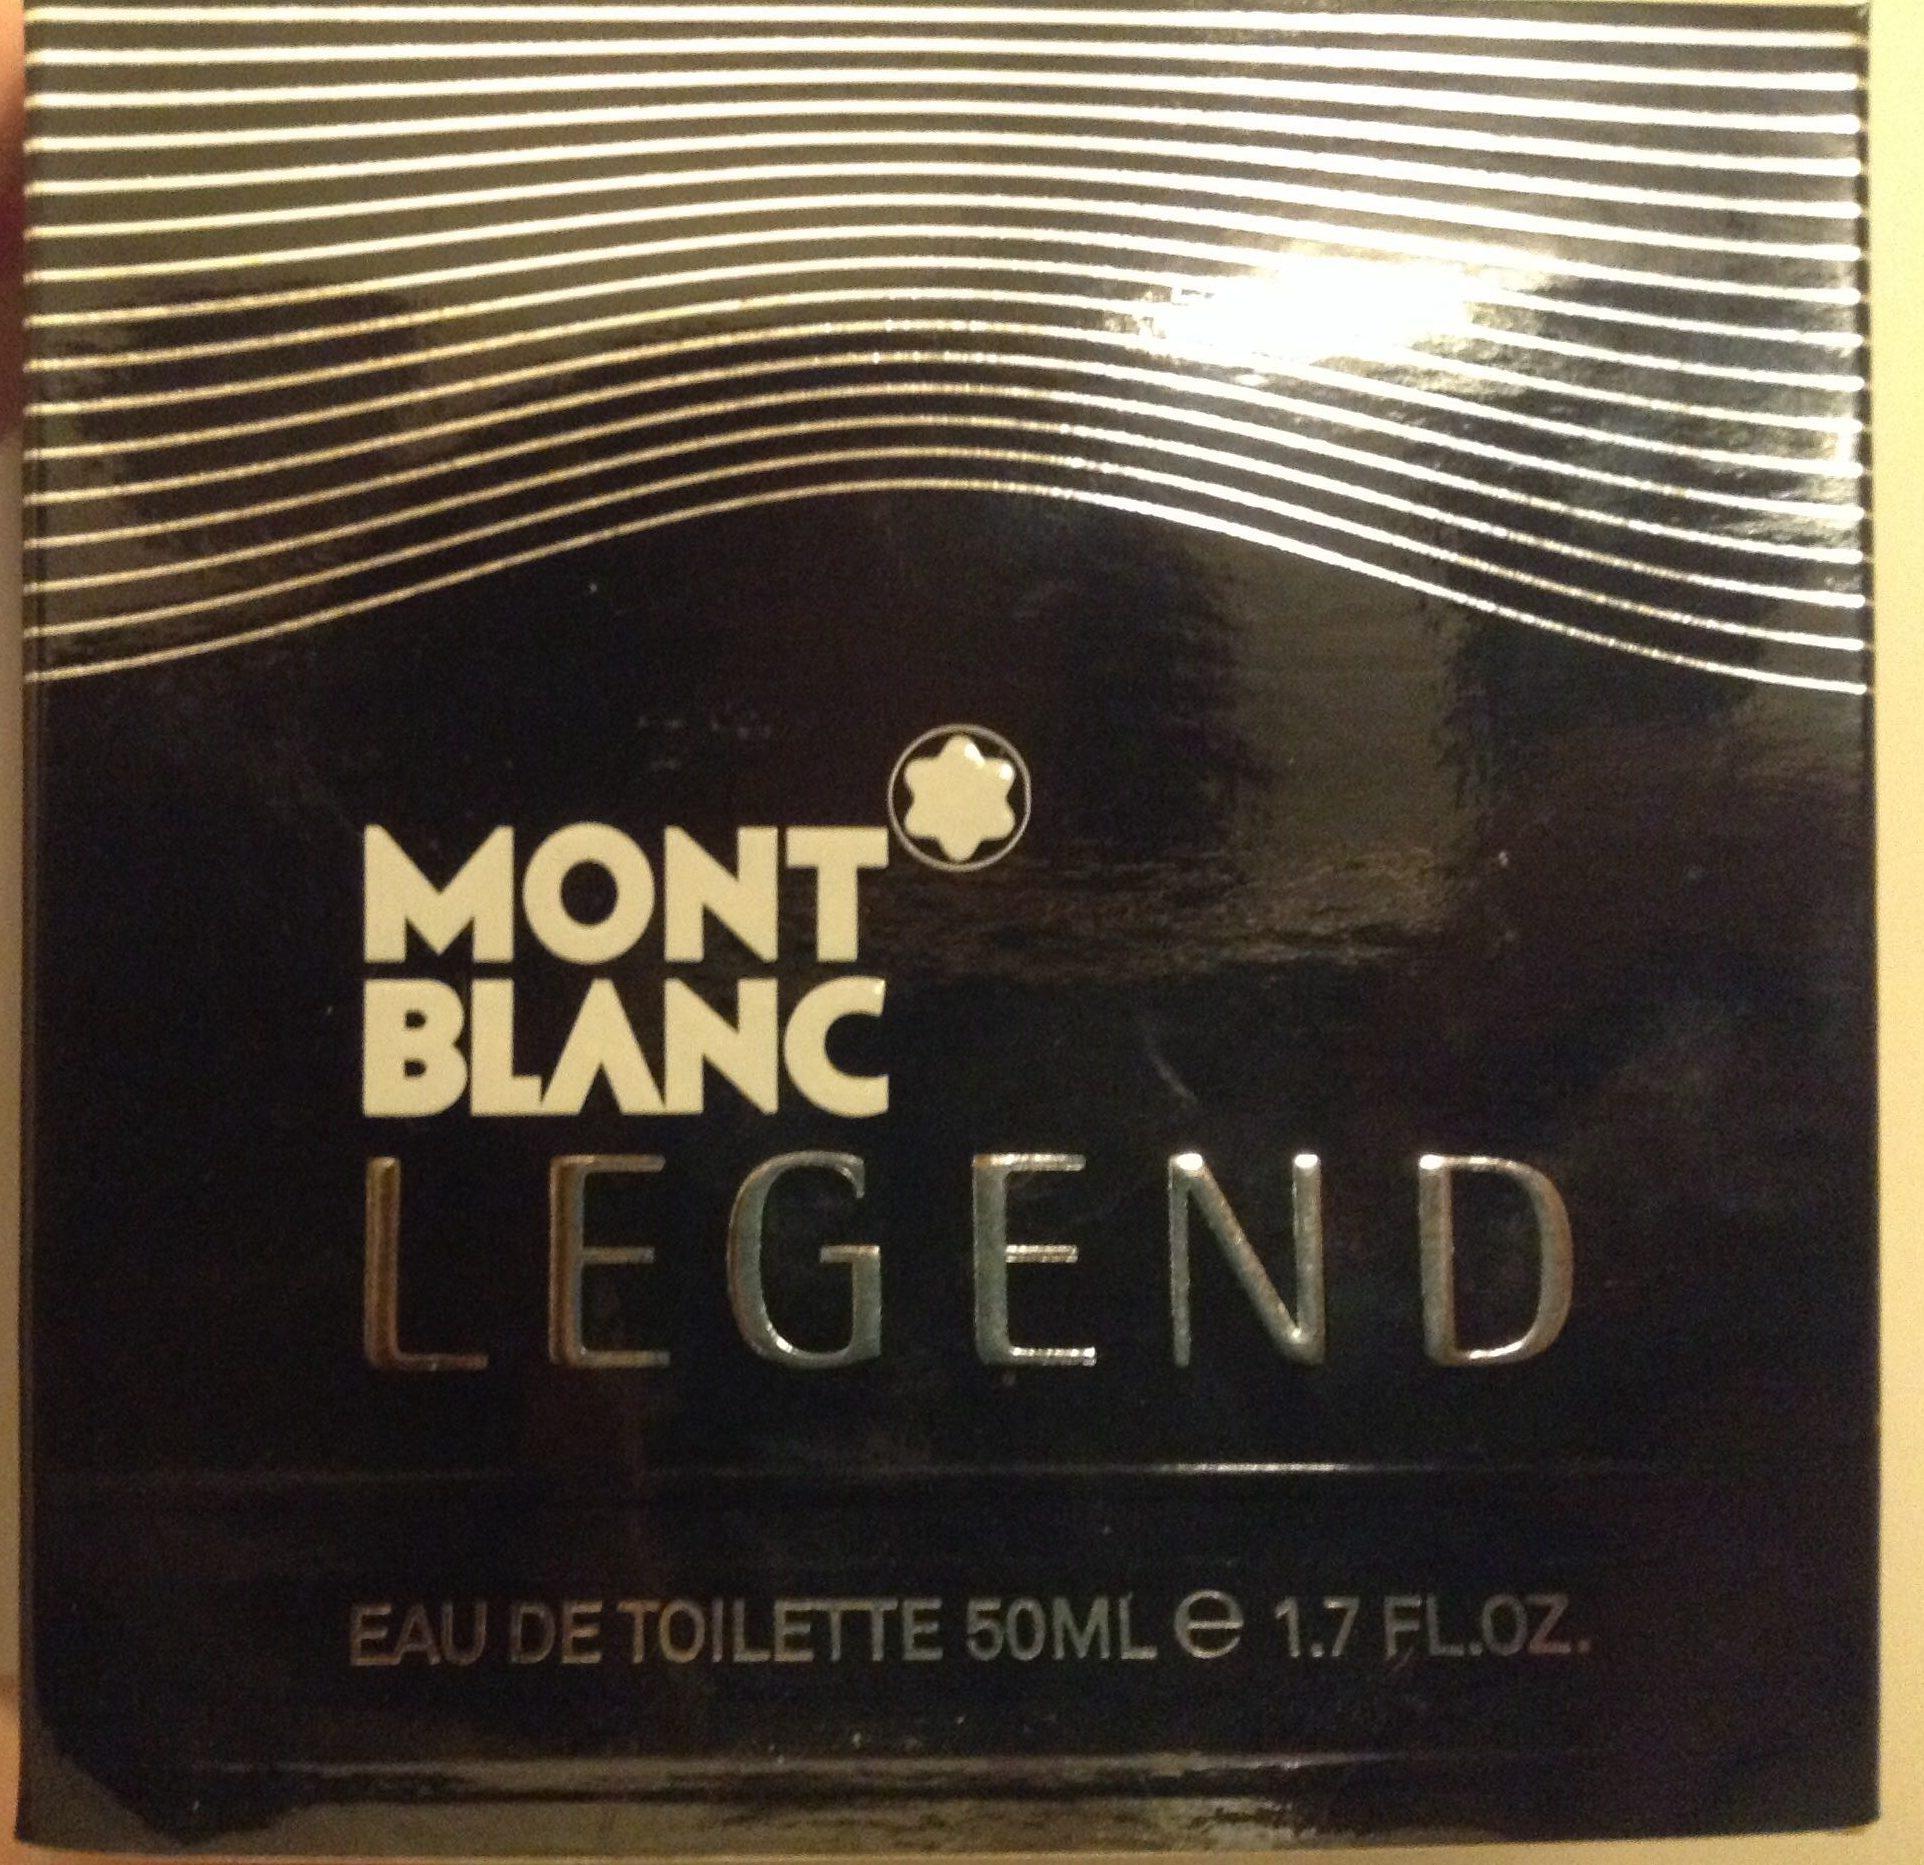 Legend - Produit